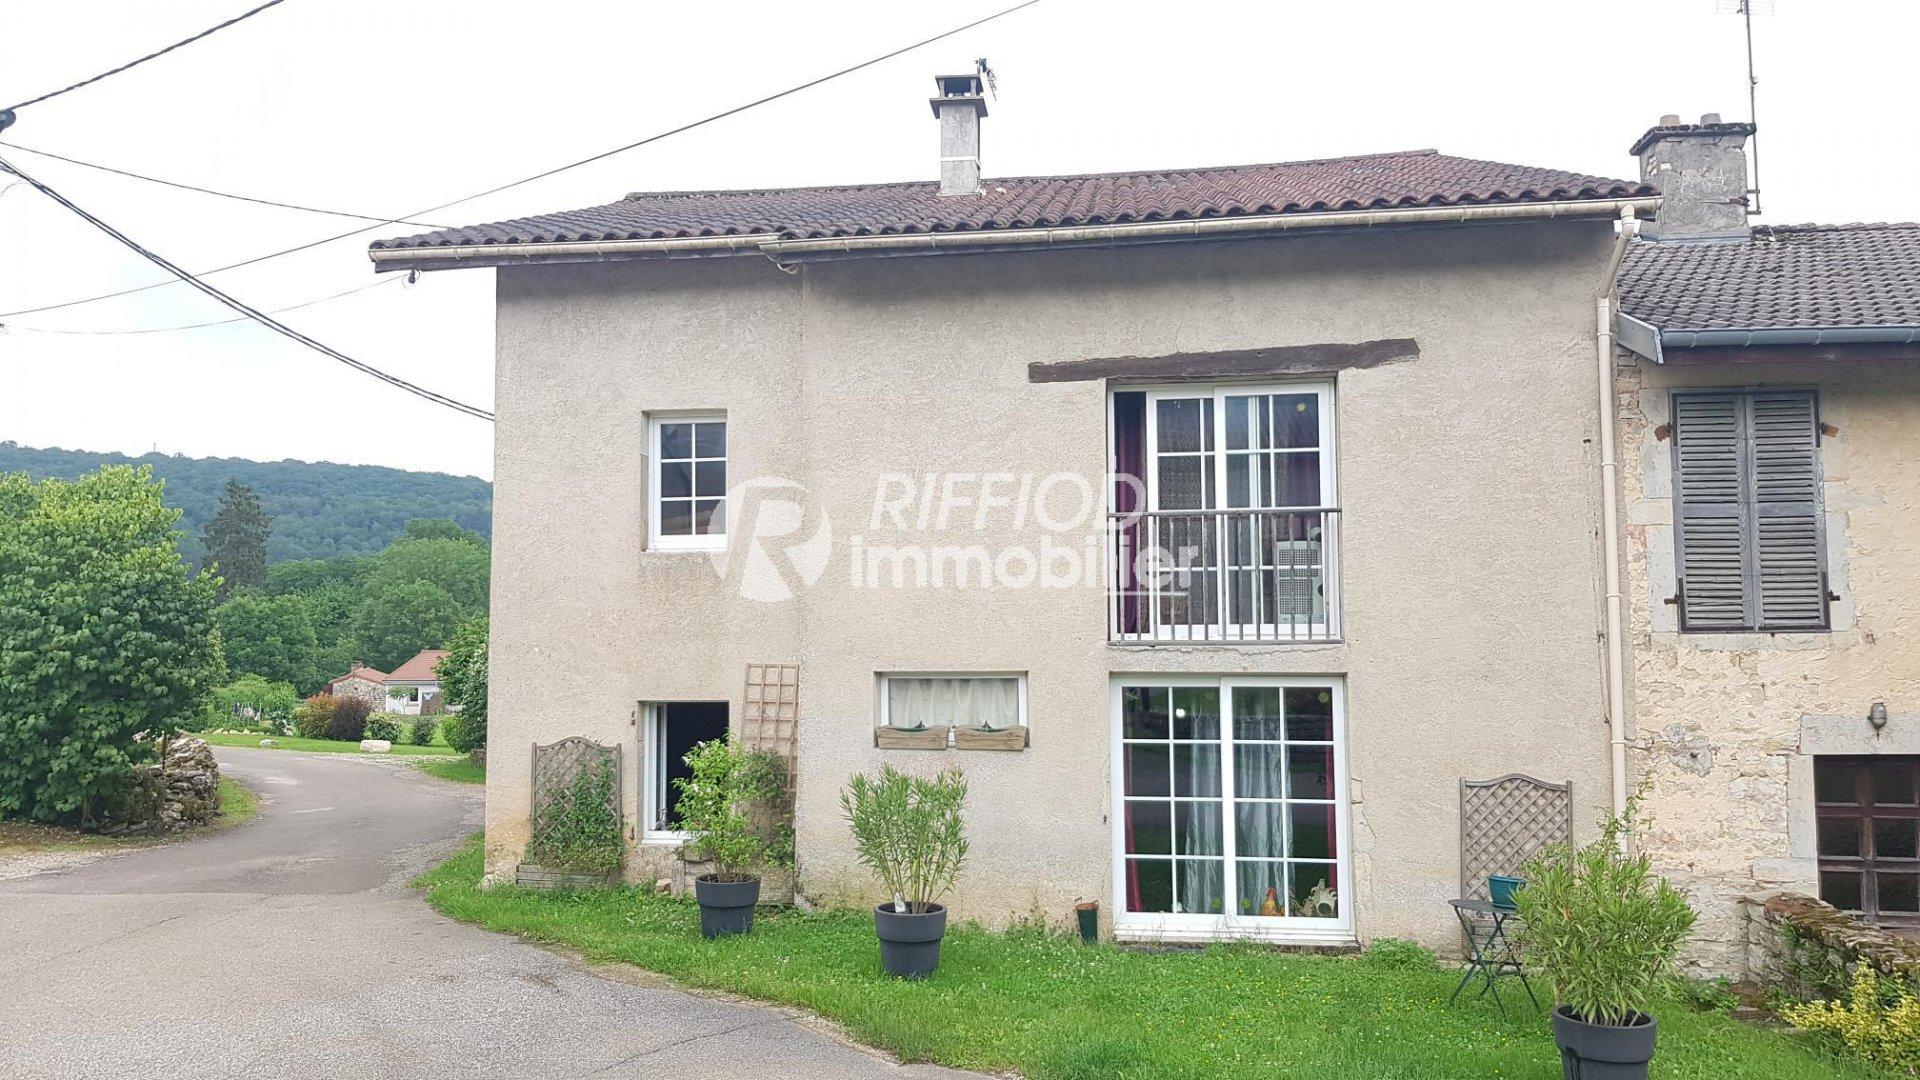 Maison de village - 144 m²